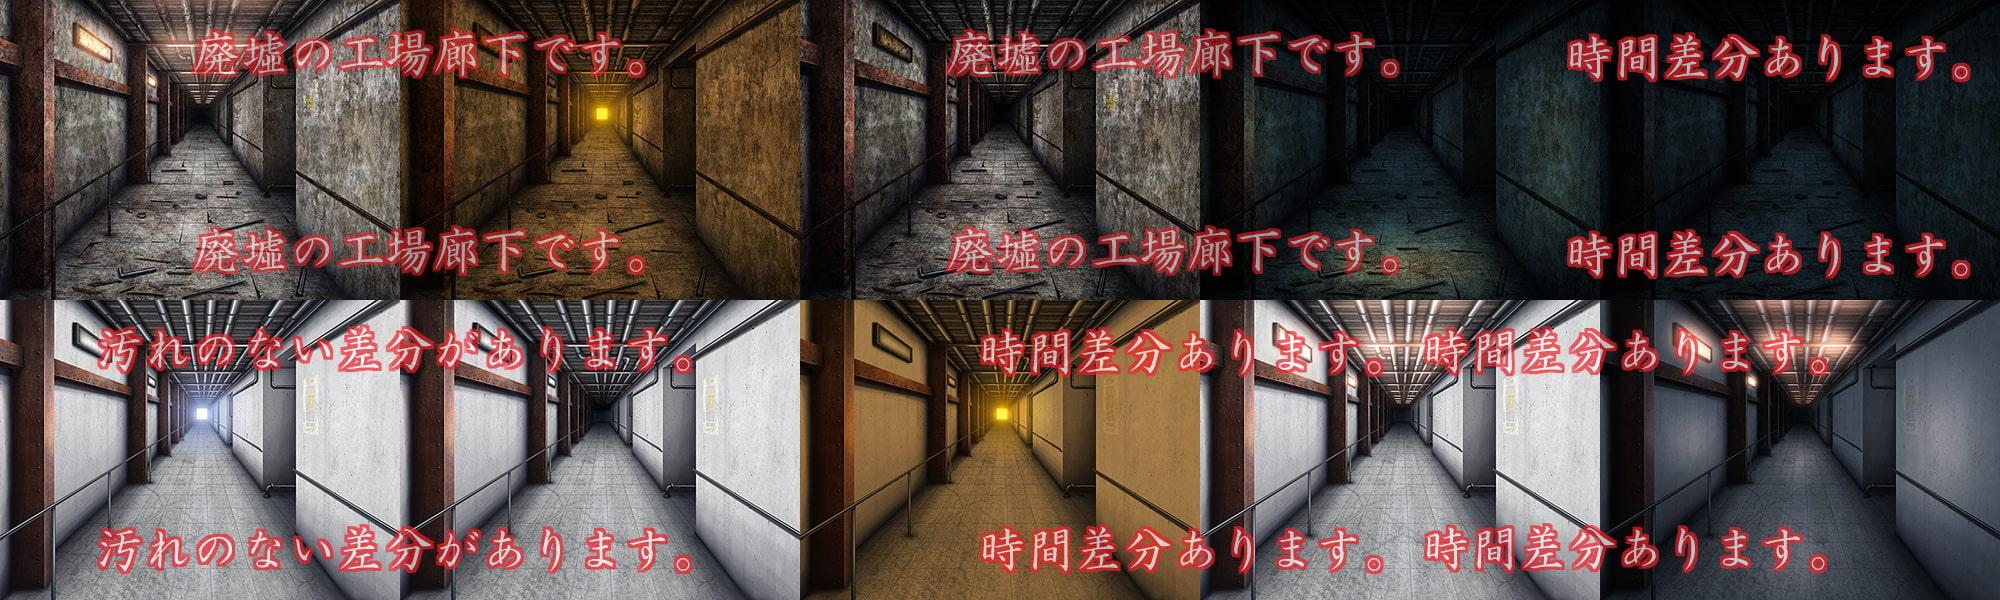 著作権フリー背景CG素材「廃墟工場廊下」